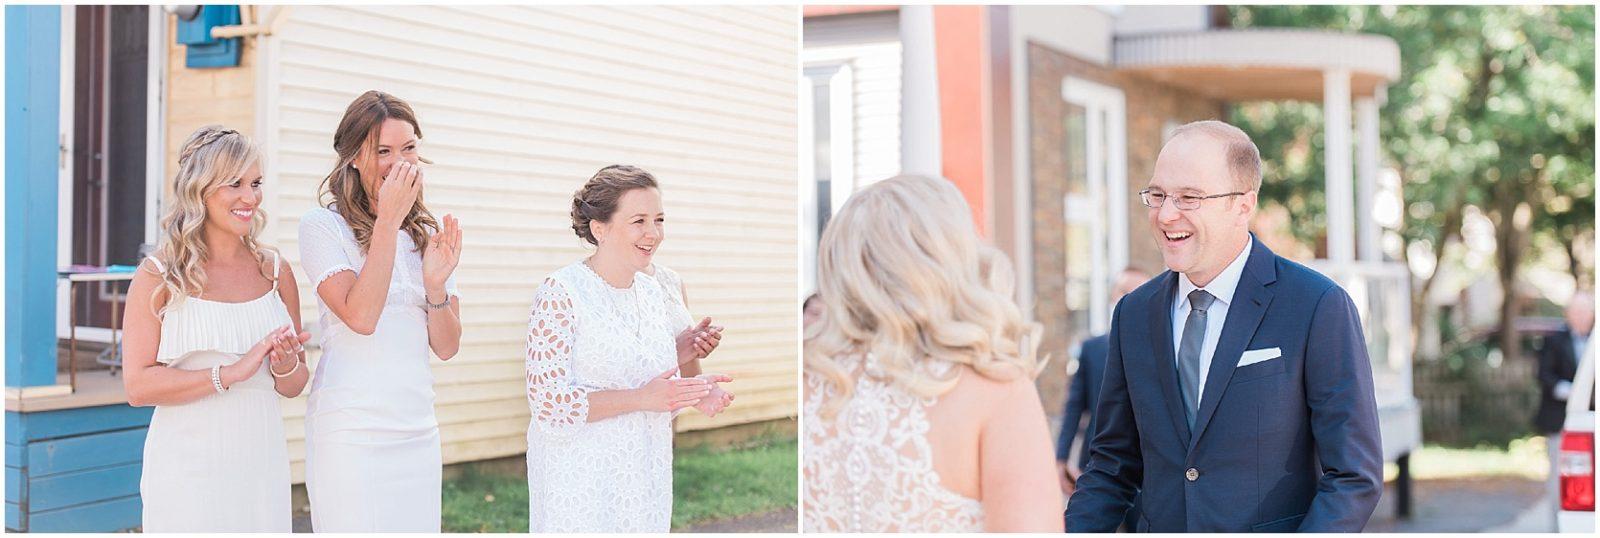 0021 SS-Late Summer Wedding at Zibi - Ottawa_PhotosbyEmmaH_WEB.jpg